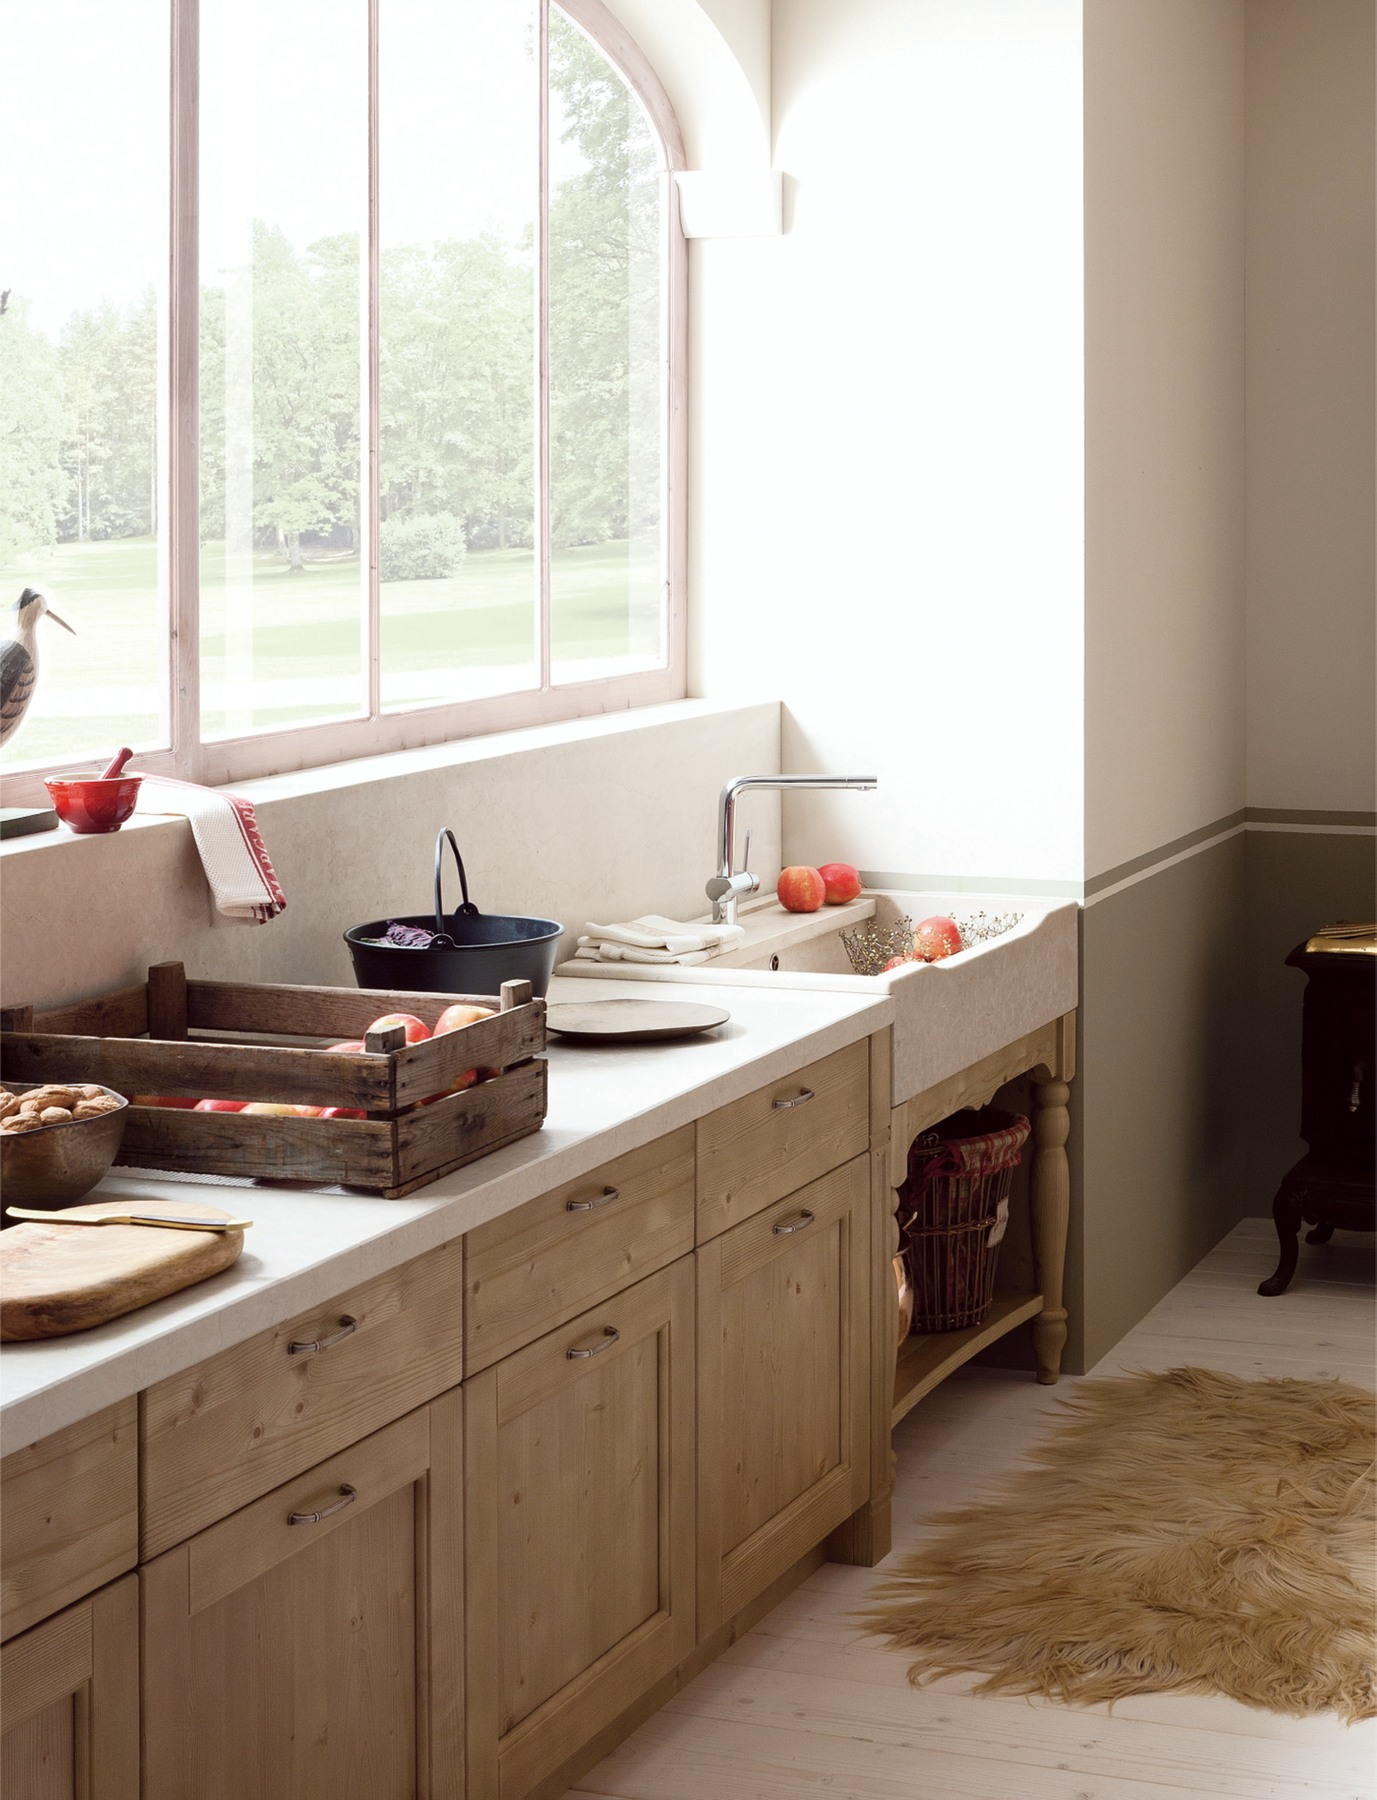 Stunning Mobili Rustici Per Cucina Images - Ameripest.us ...